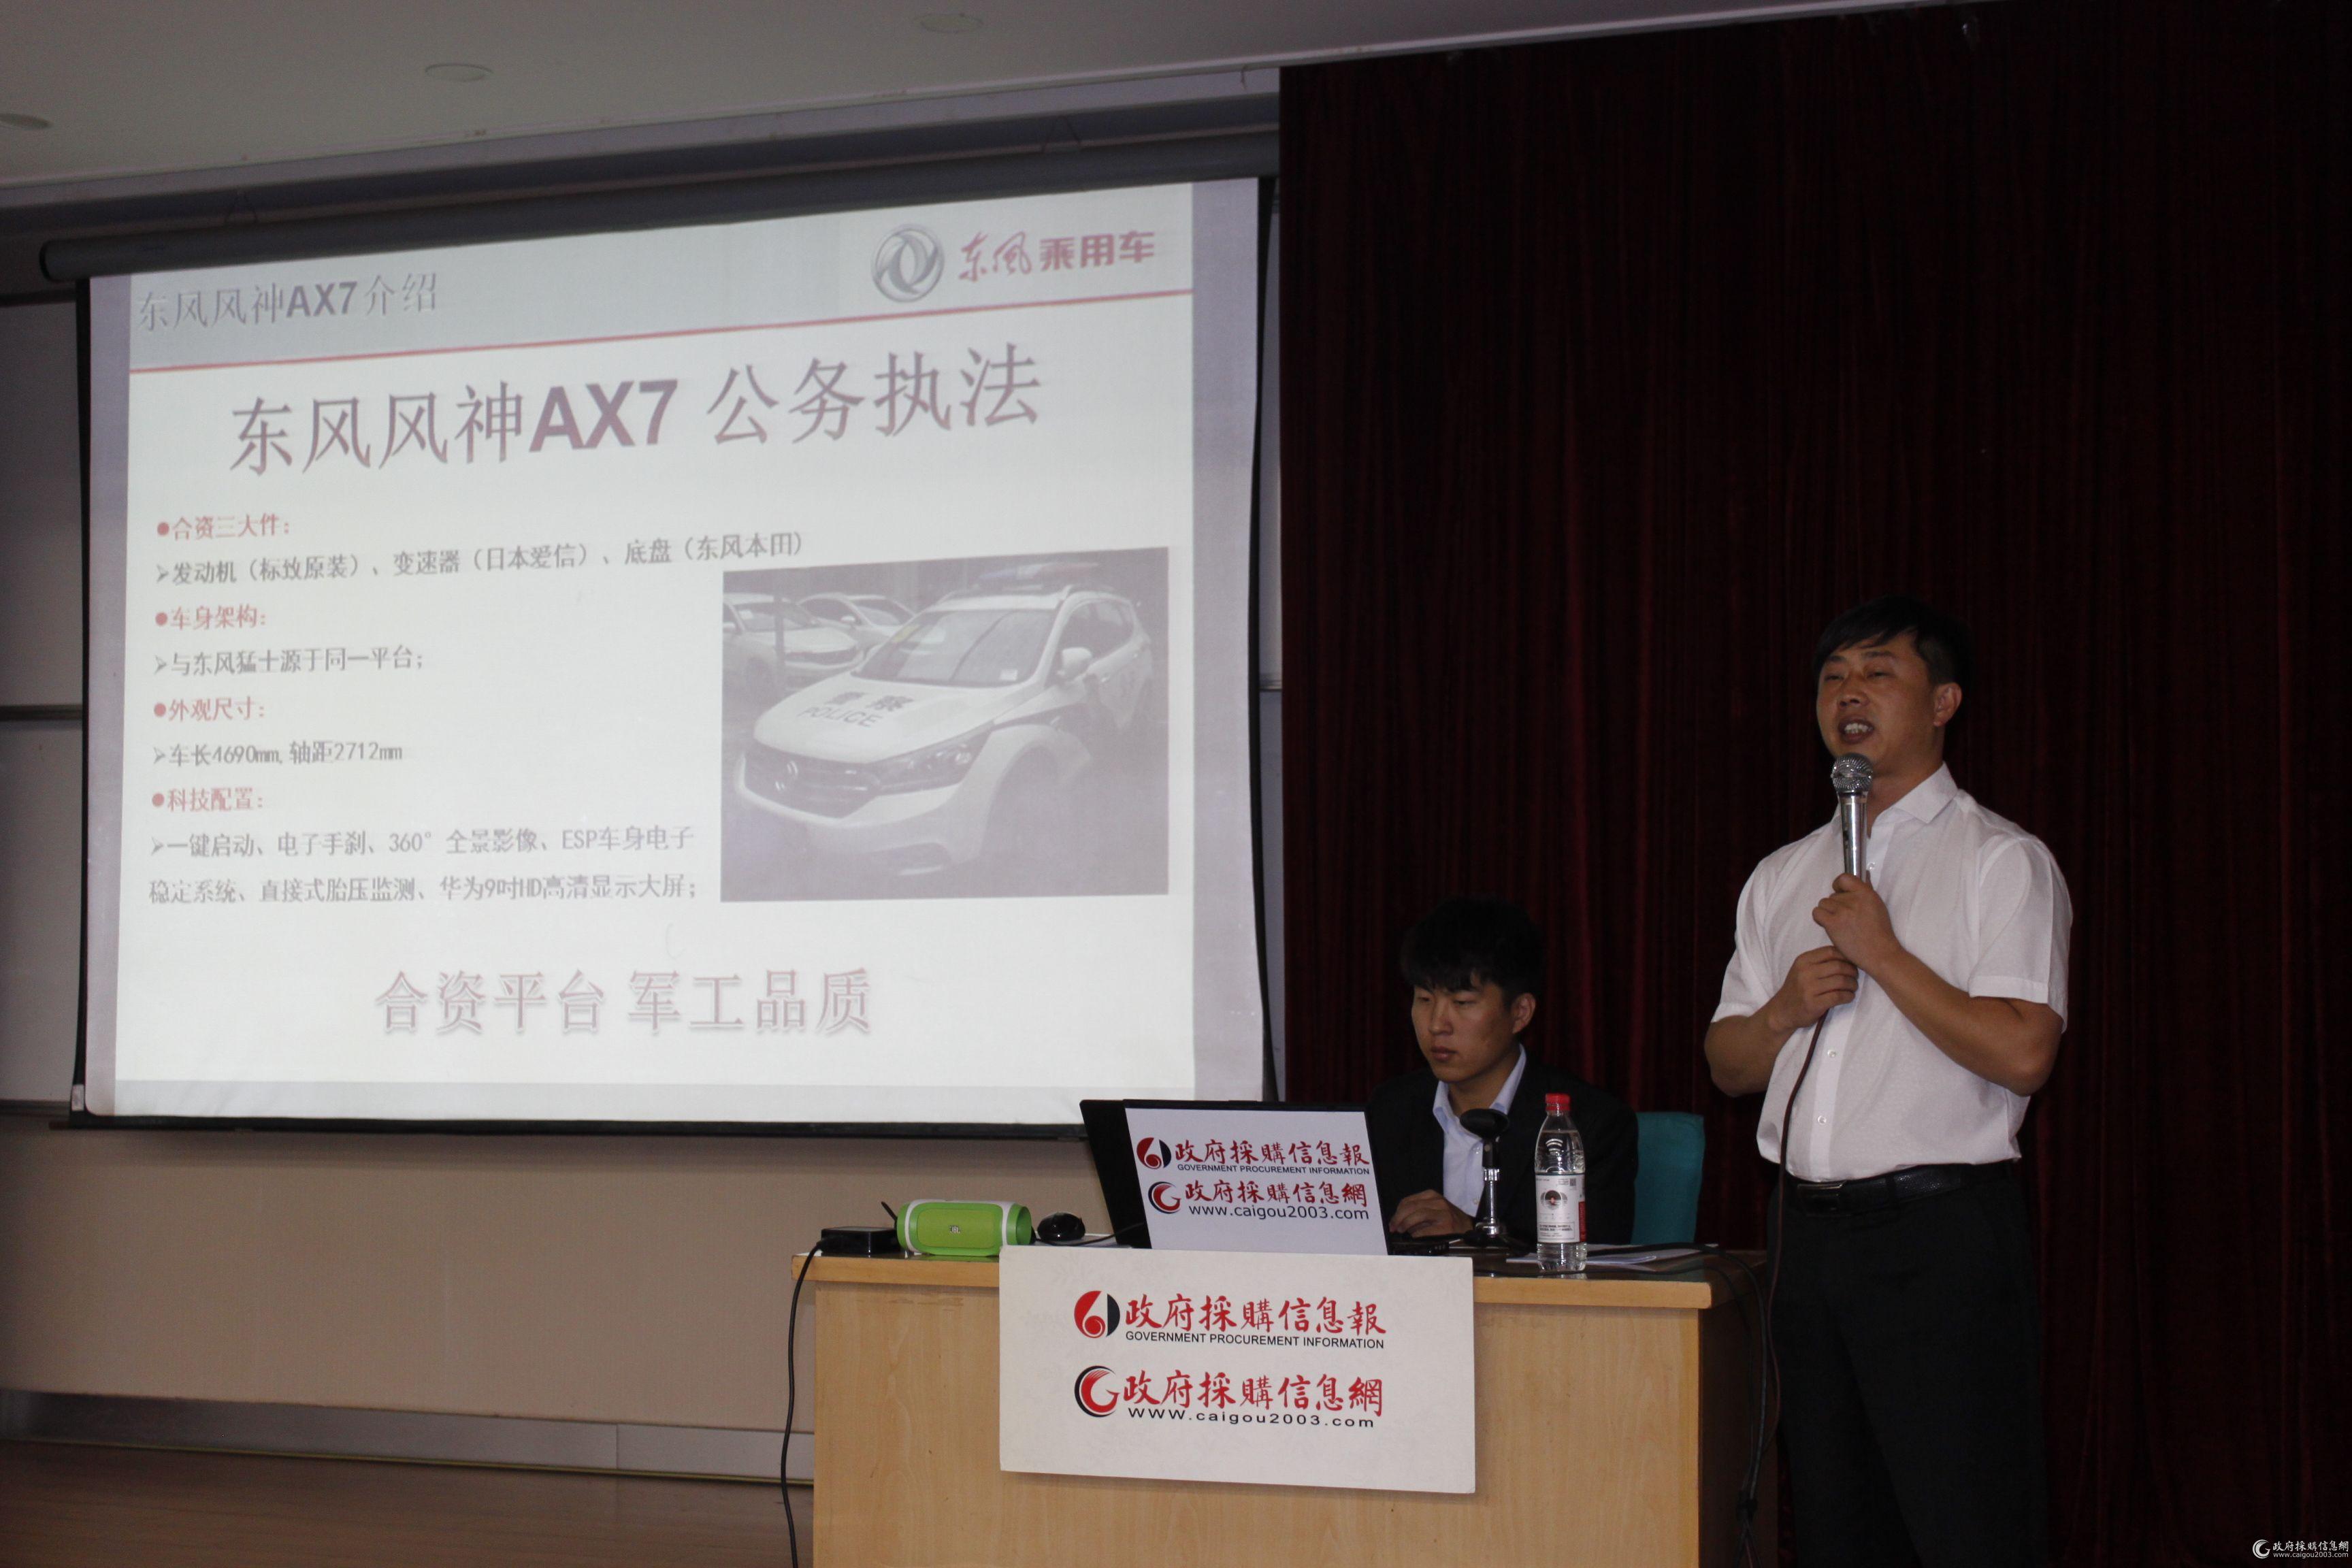 北京庞大集团东风风神品牌大区经理李双生做大会发言